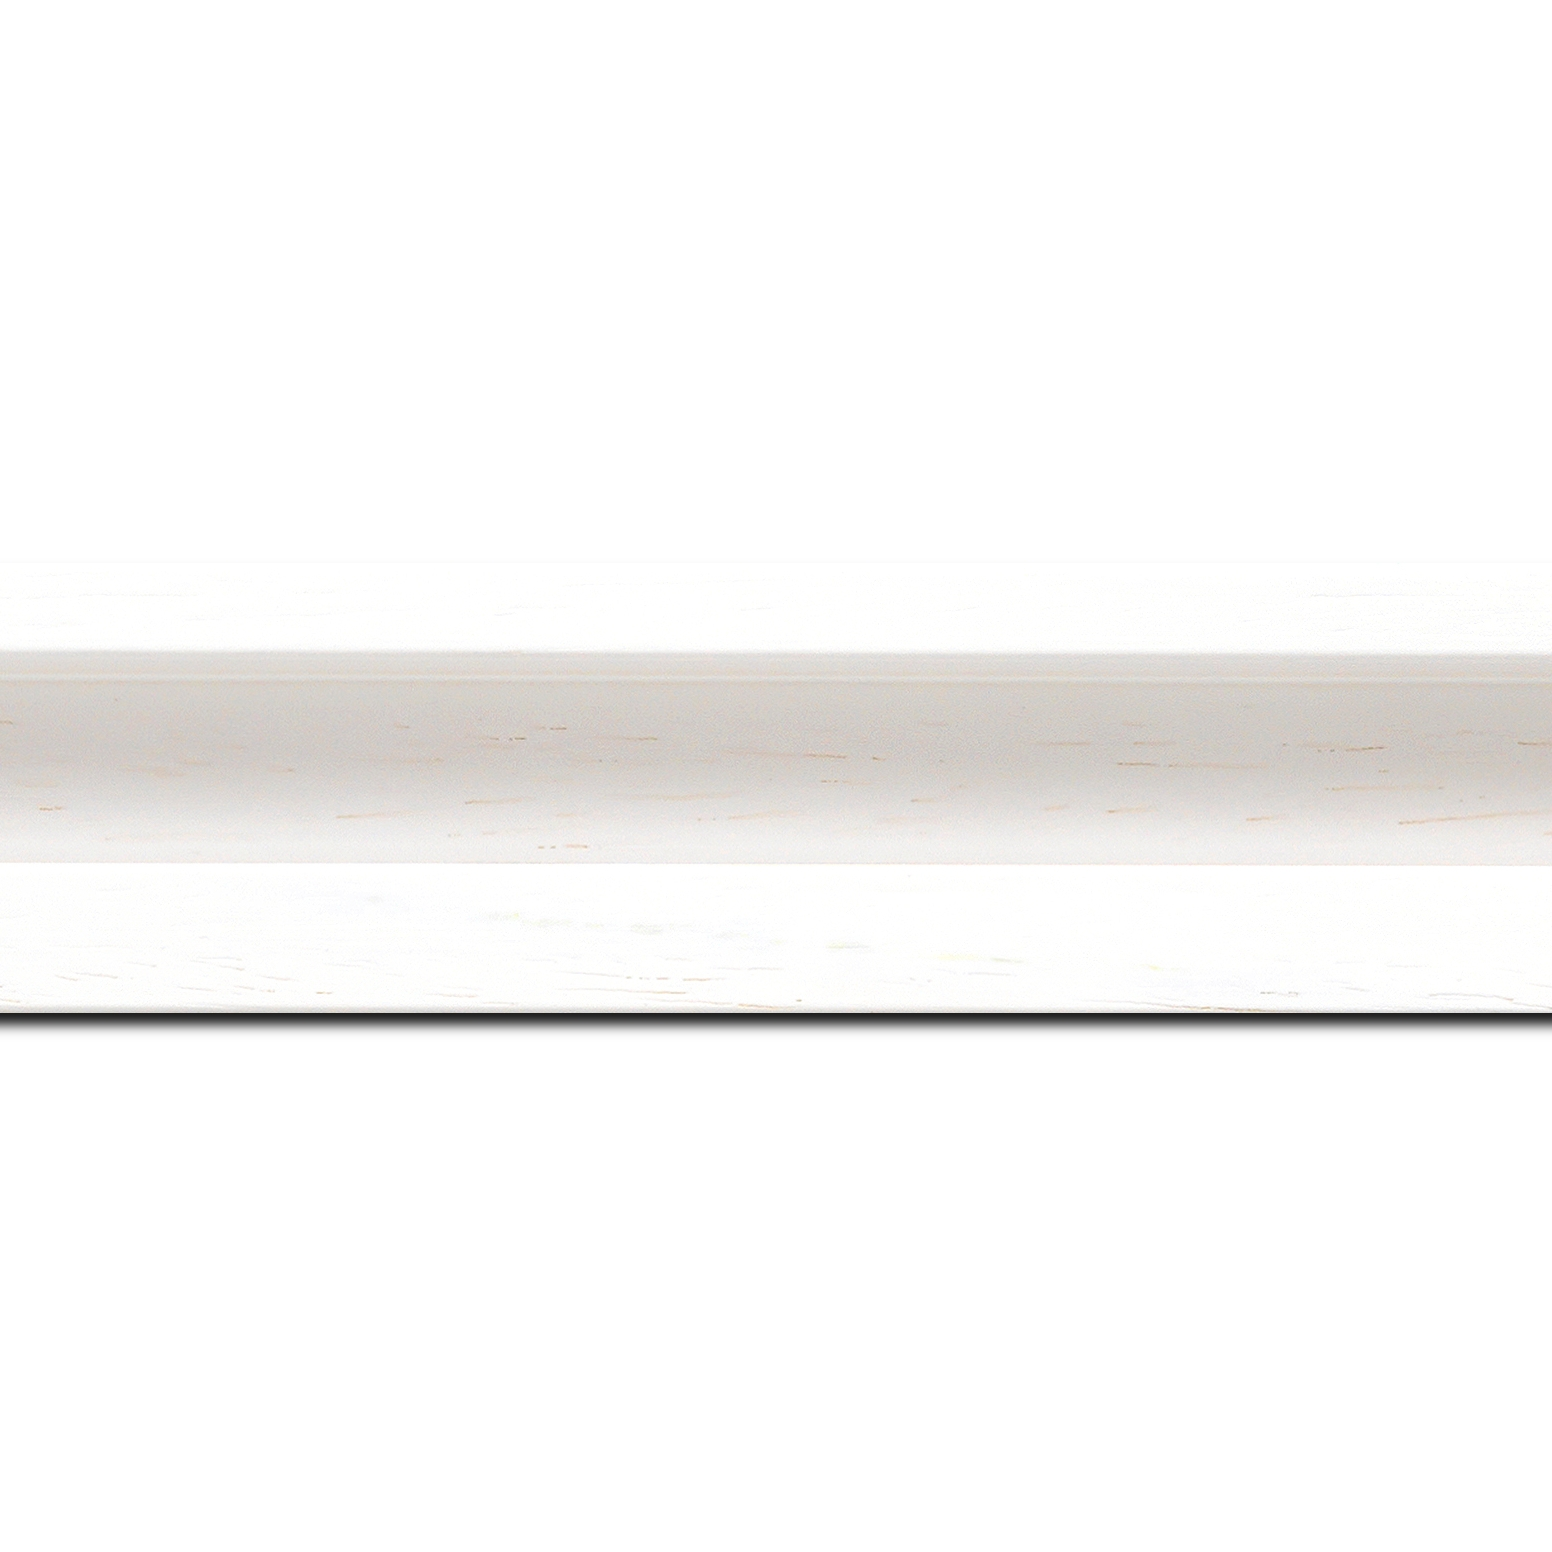 Pack par 12m,  bois caisse américaine largeur 4.5cm blanc satiné (spécialement concu pour les supports papier necessitant une protection et un isorel assurant le maintien de l'ensemble  : le sujet se met à l'intérieur du cadre ) profil en u(longueur baguette pouvant varier entre 2.40m et 3m selon arrivage des bois)